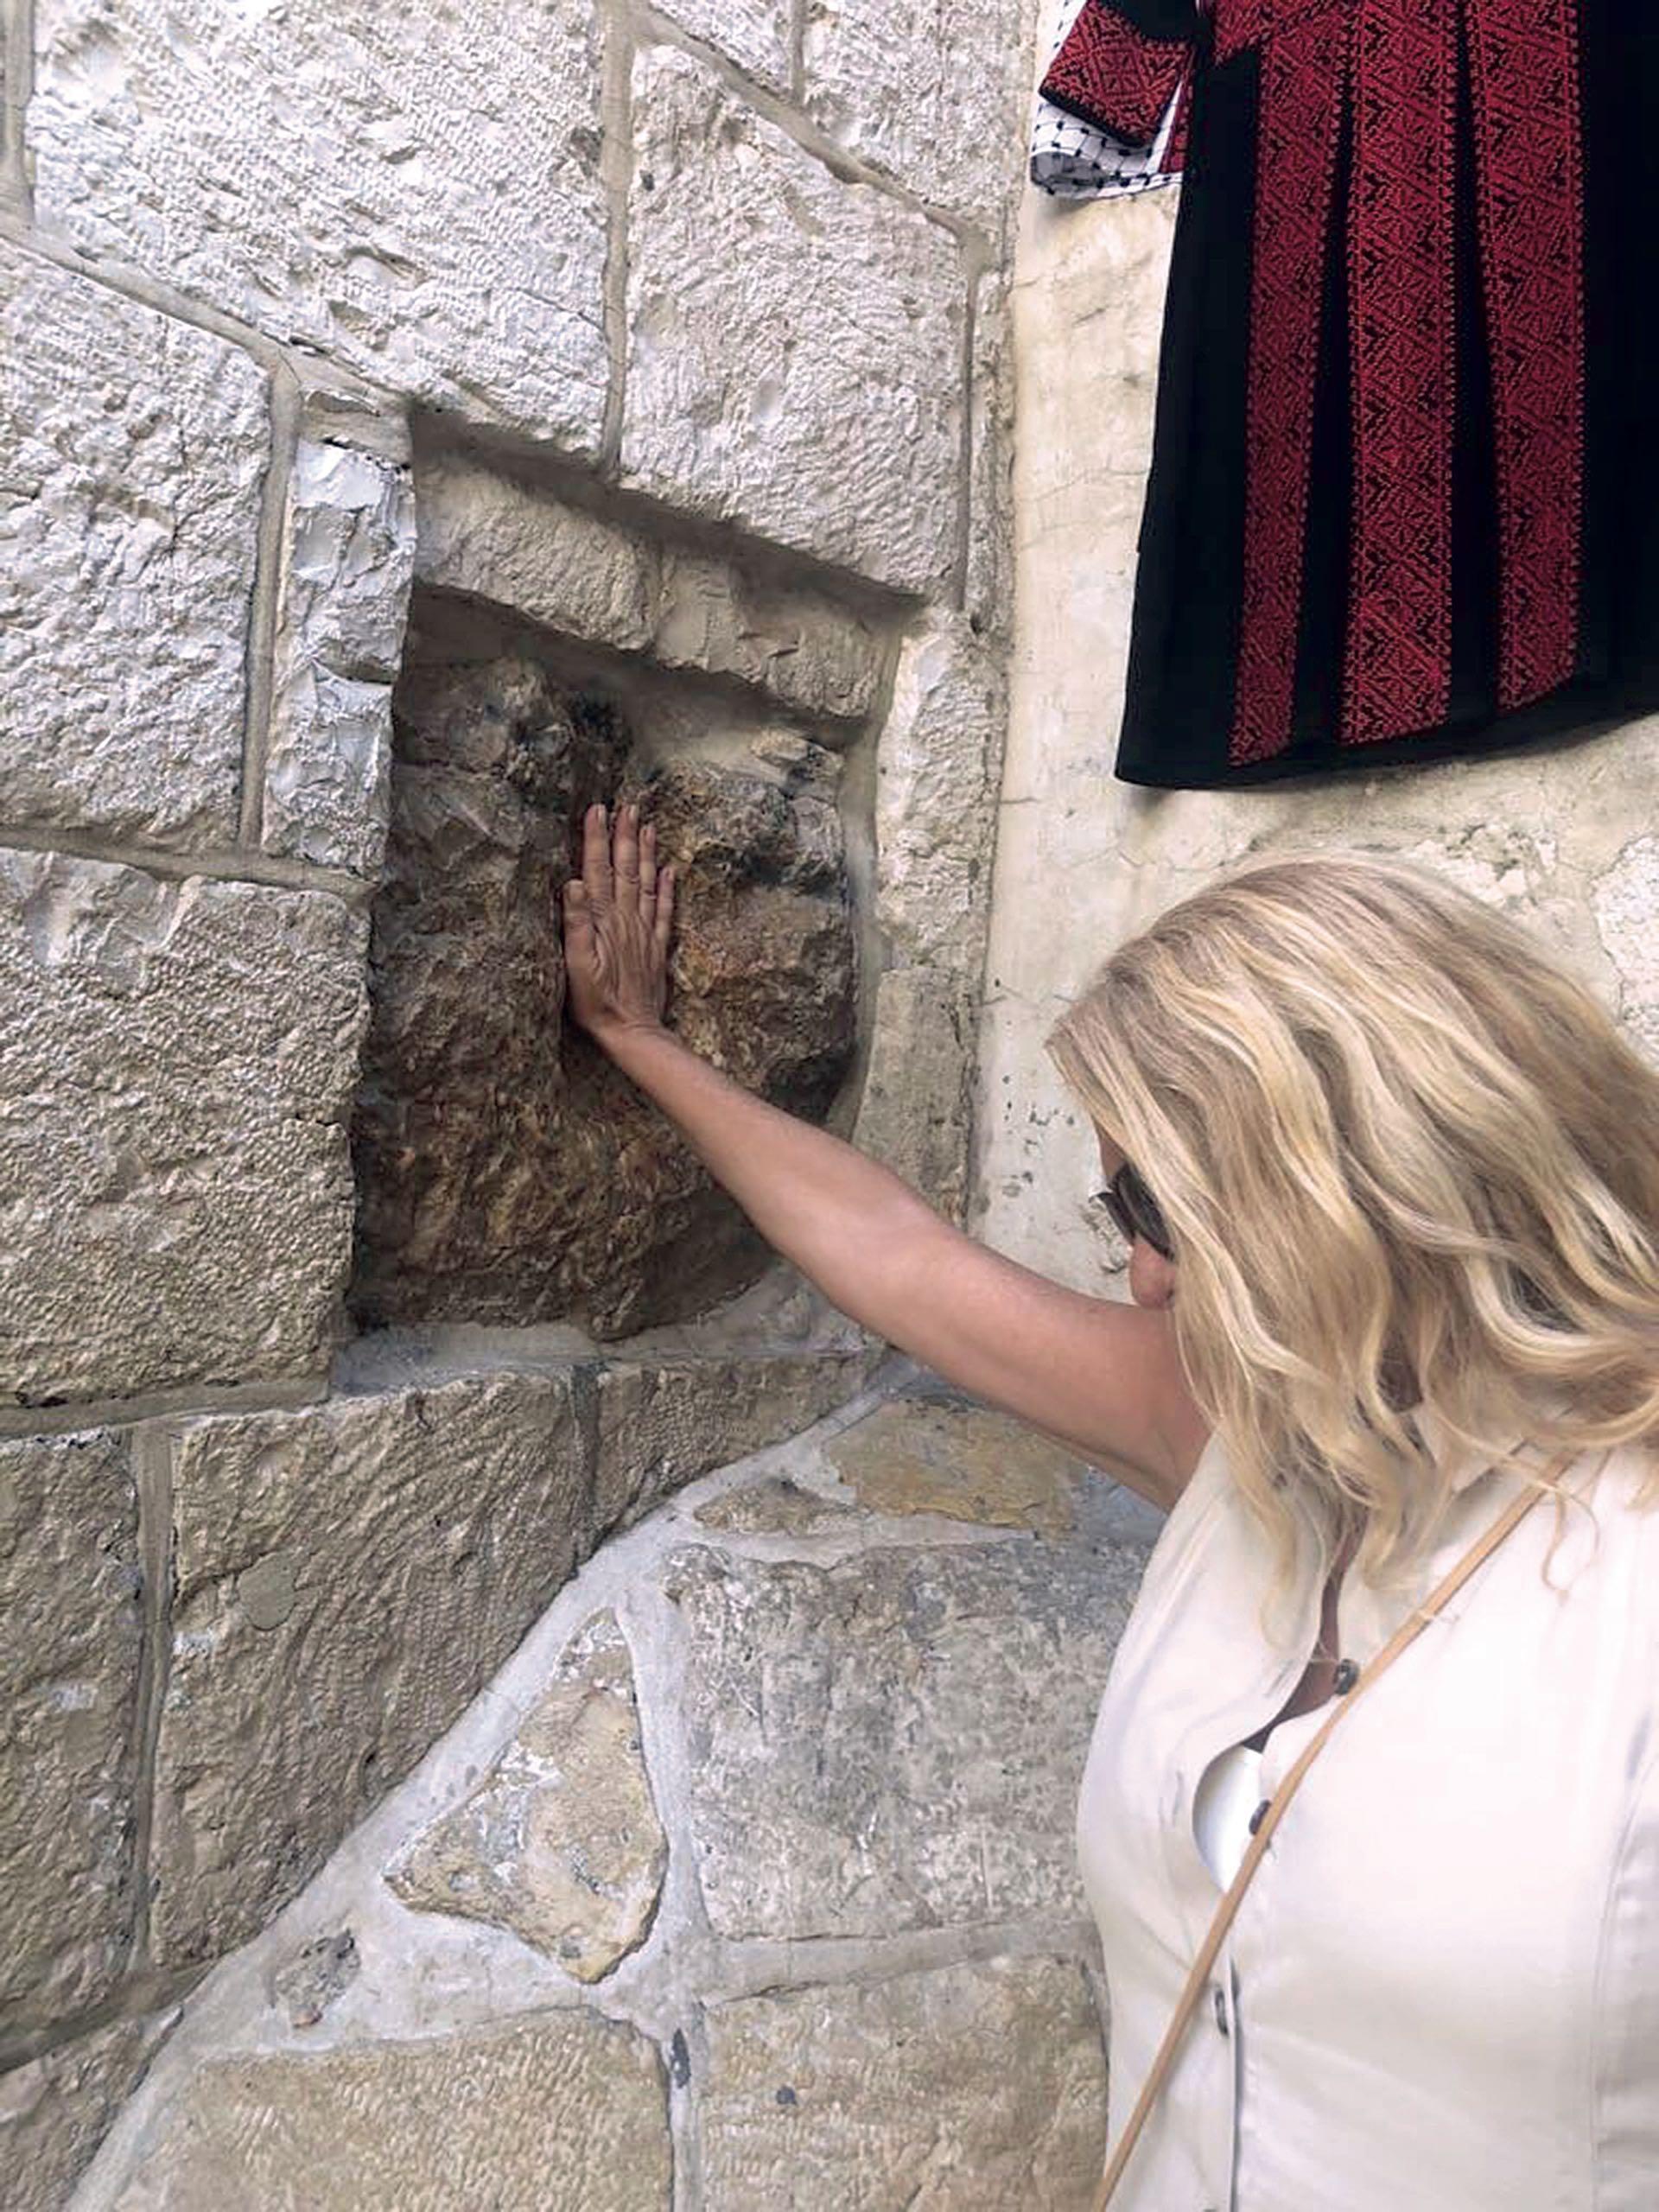 Se conmovió frente a una de las estaciones de la Via Dolorosa, donde Jesús cayó cargando la cruz.